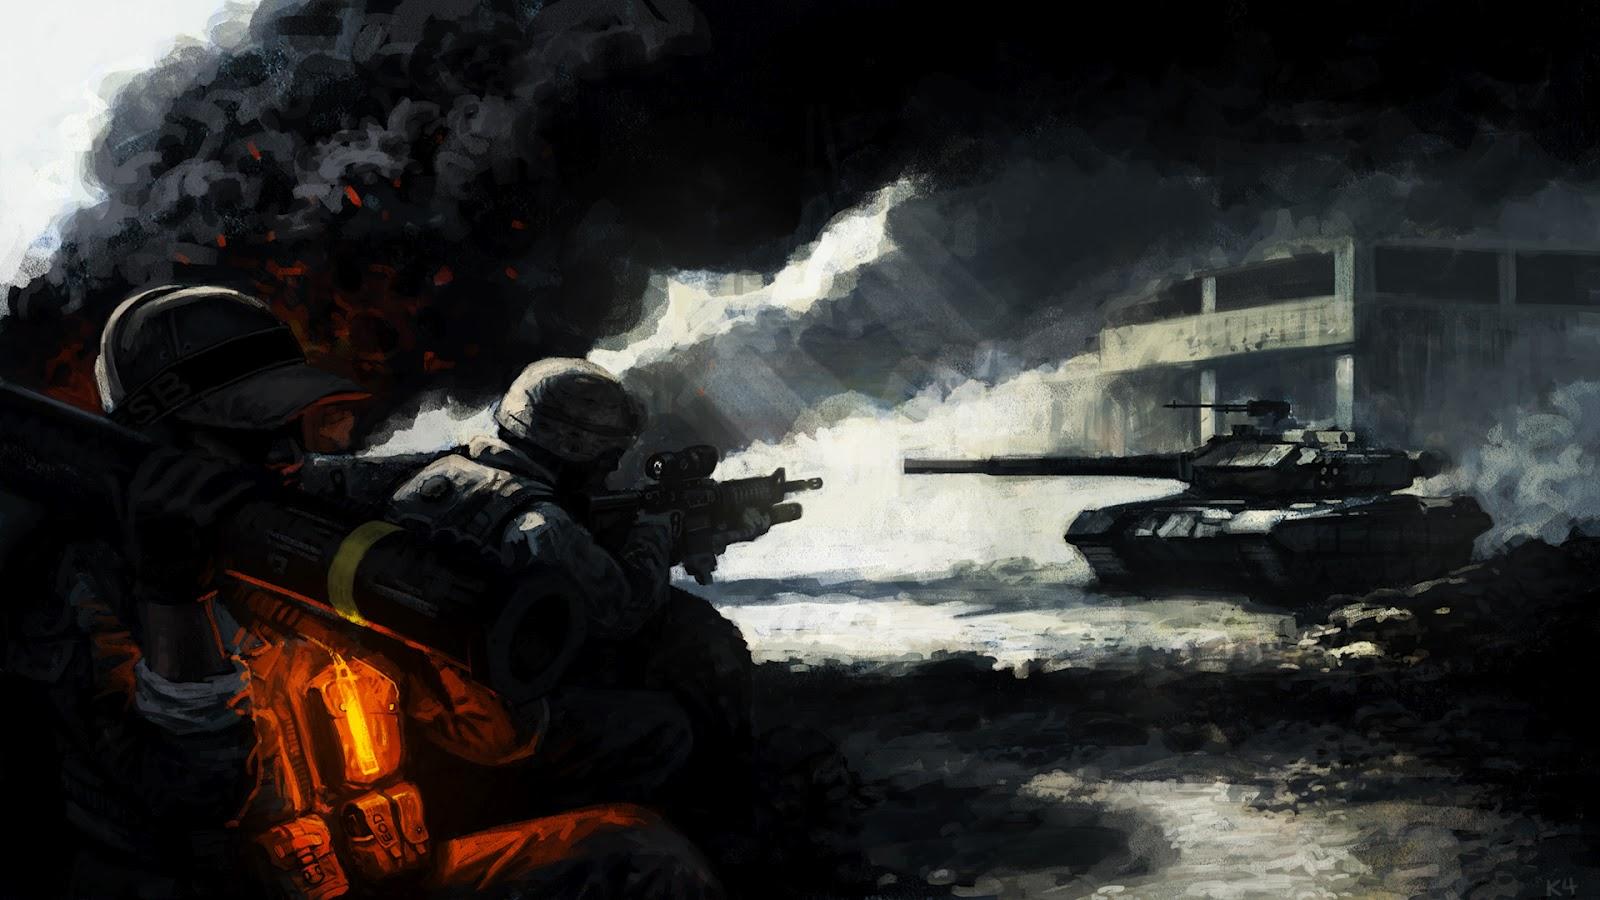 http://4.bp.blogspot.com/-2F95WTaNufQ/UBVIU5M0--I/AAAAAAAAE2g/oasVcBN6GDk/s1600/battlefield-3-wallpaper-1.jpg